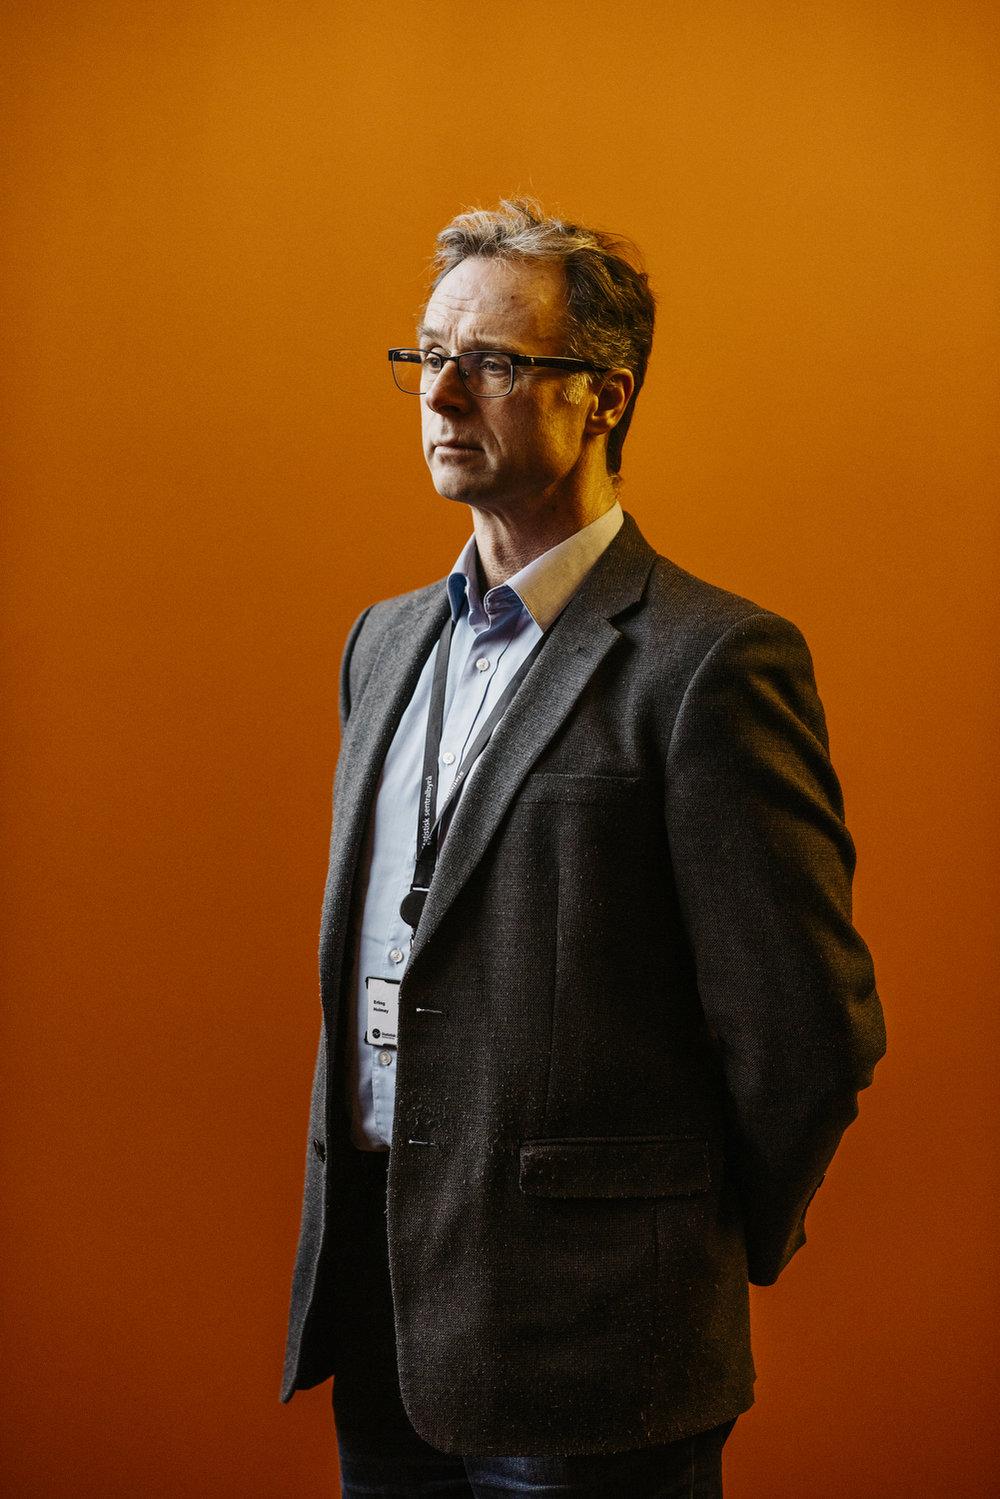 Erling Holmøy, Norwegian scientist, Morgenbladet 2017.